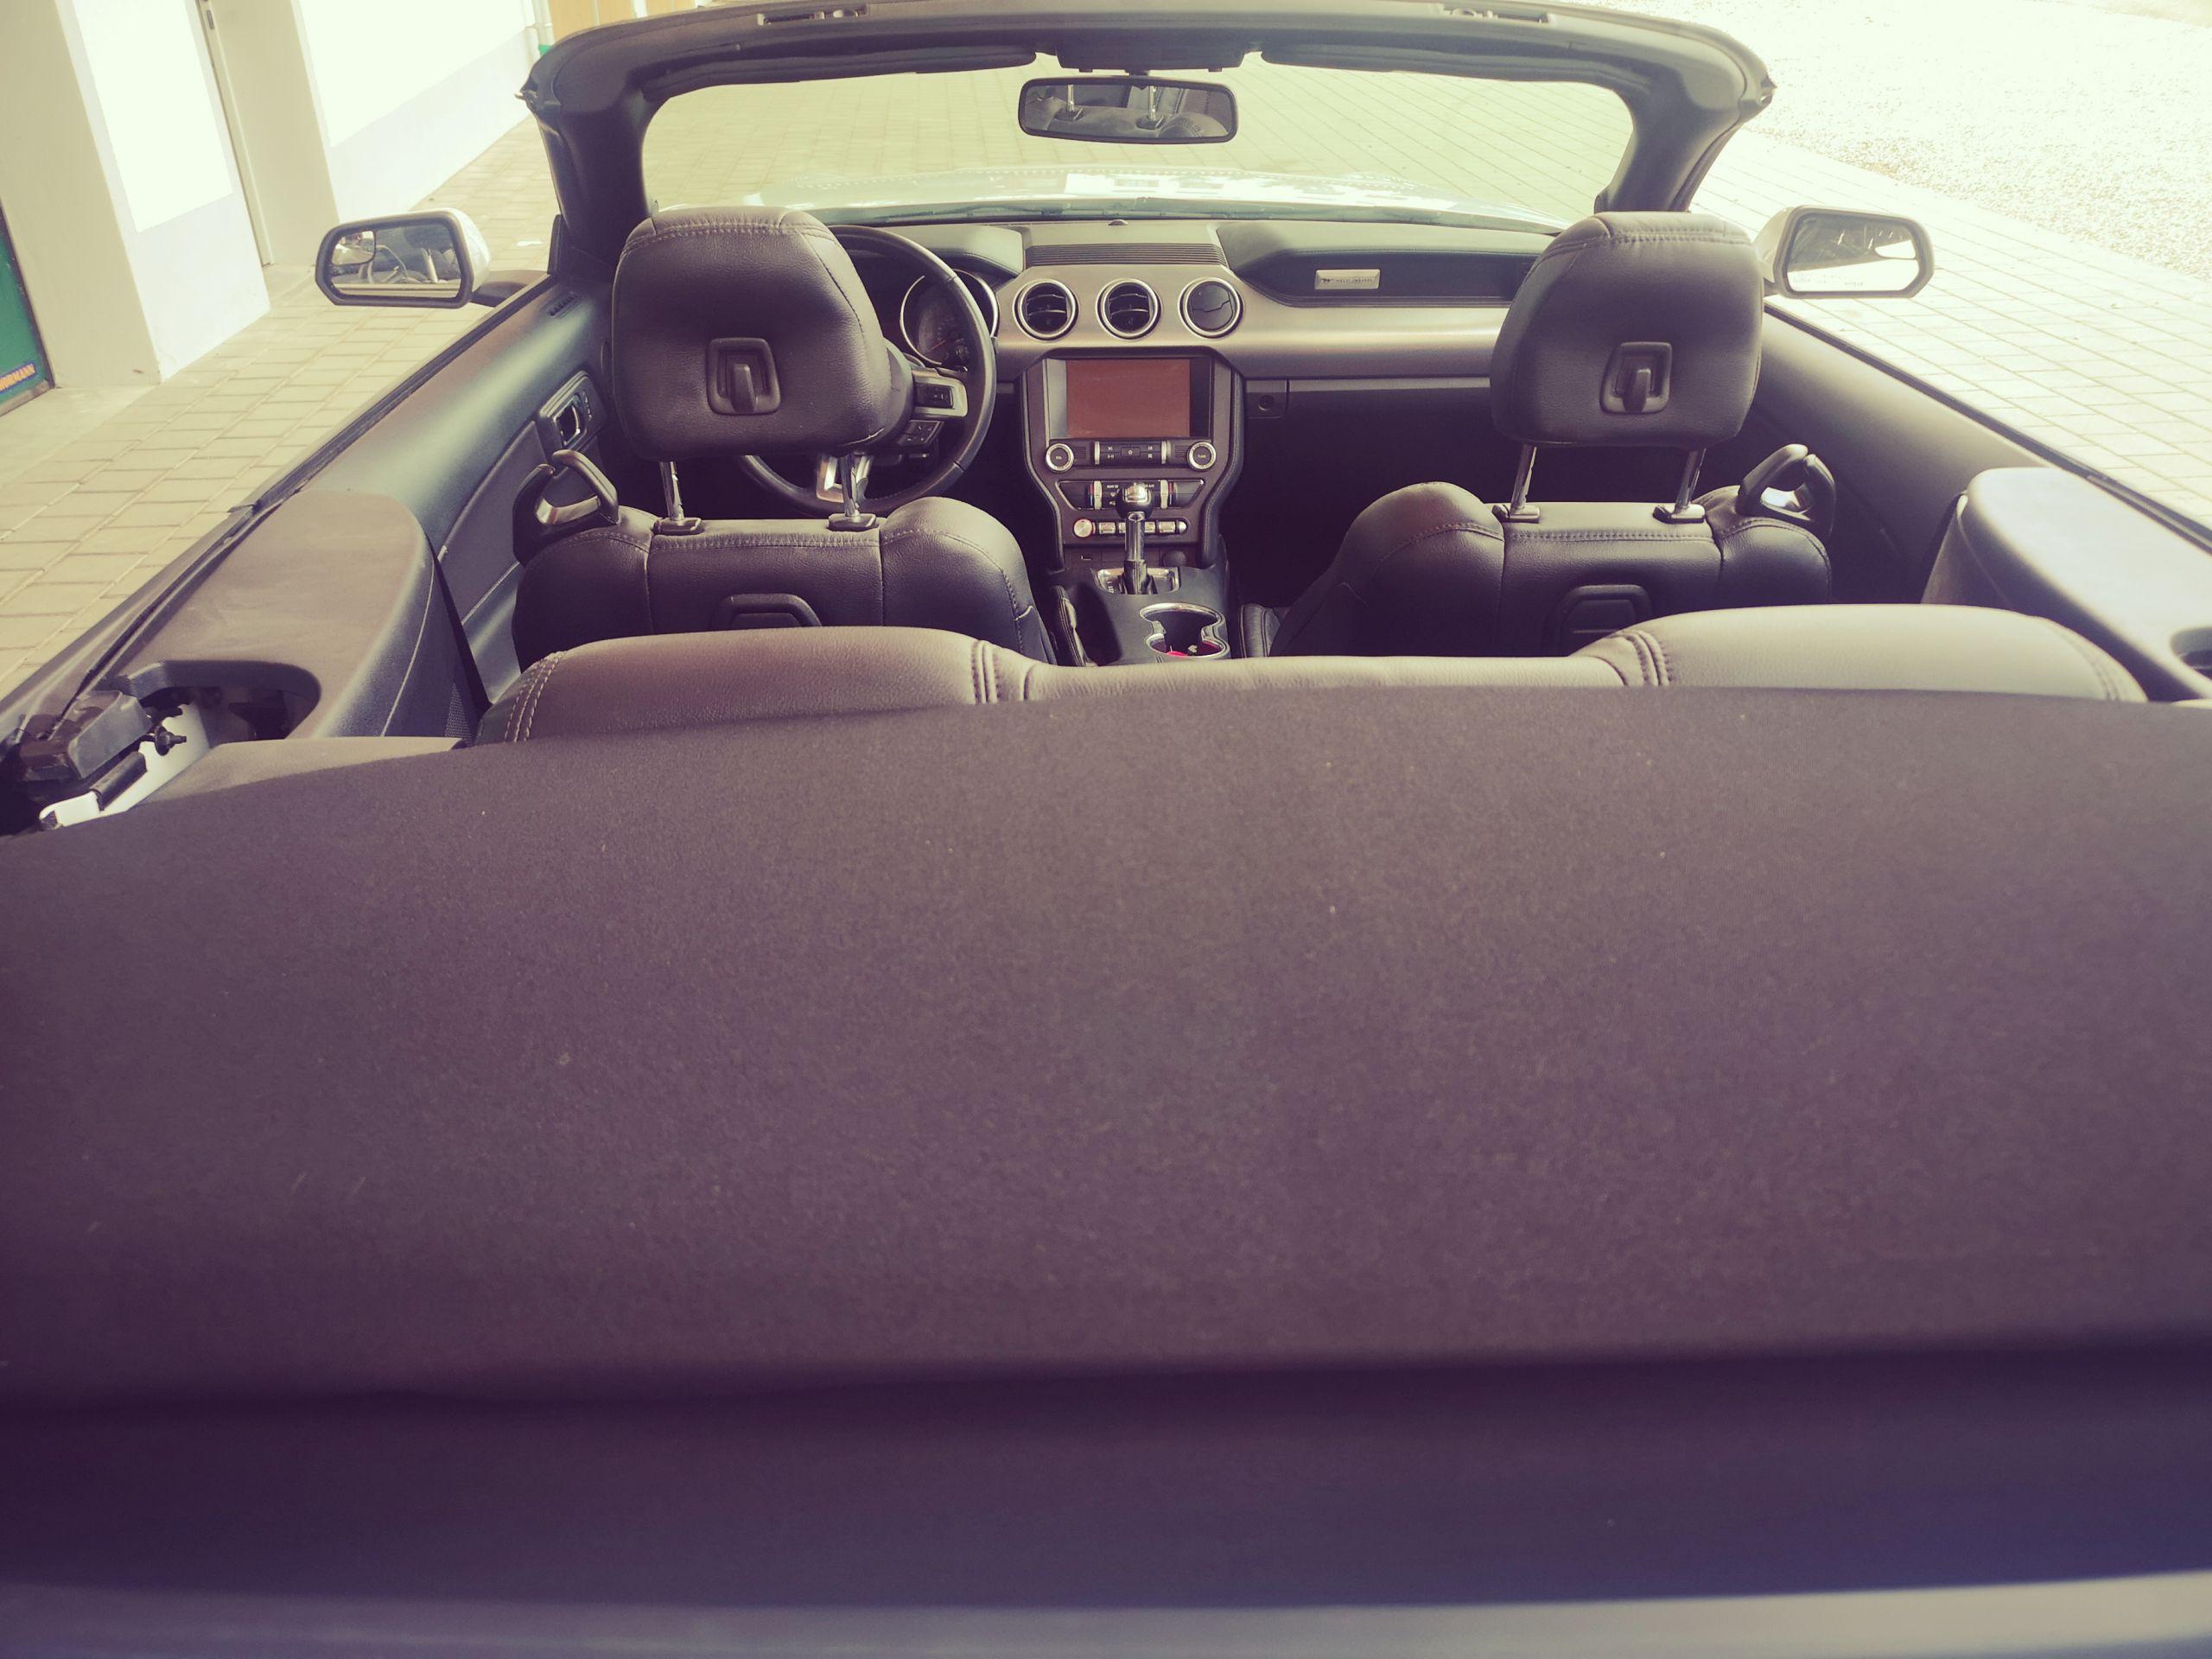 2019 Ford Mustang Auto Cabrio GT premium zu verkaufen mit leder